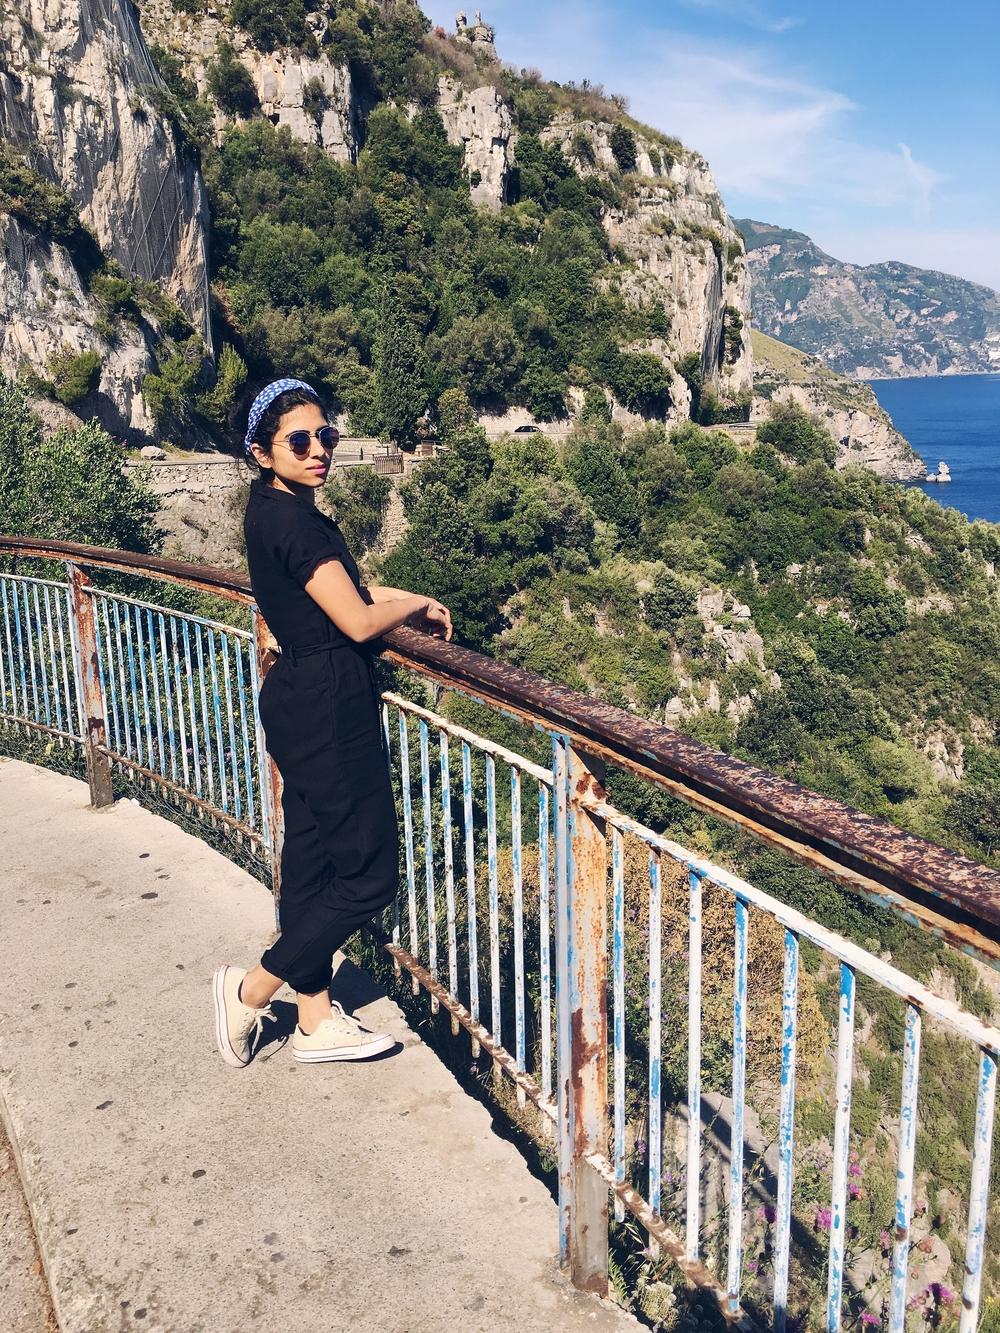 On the way to amalfi